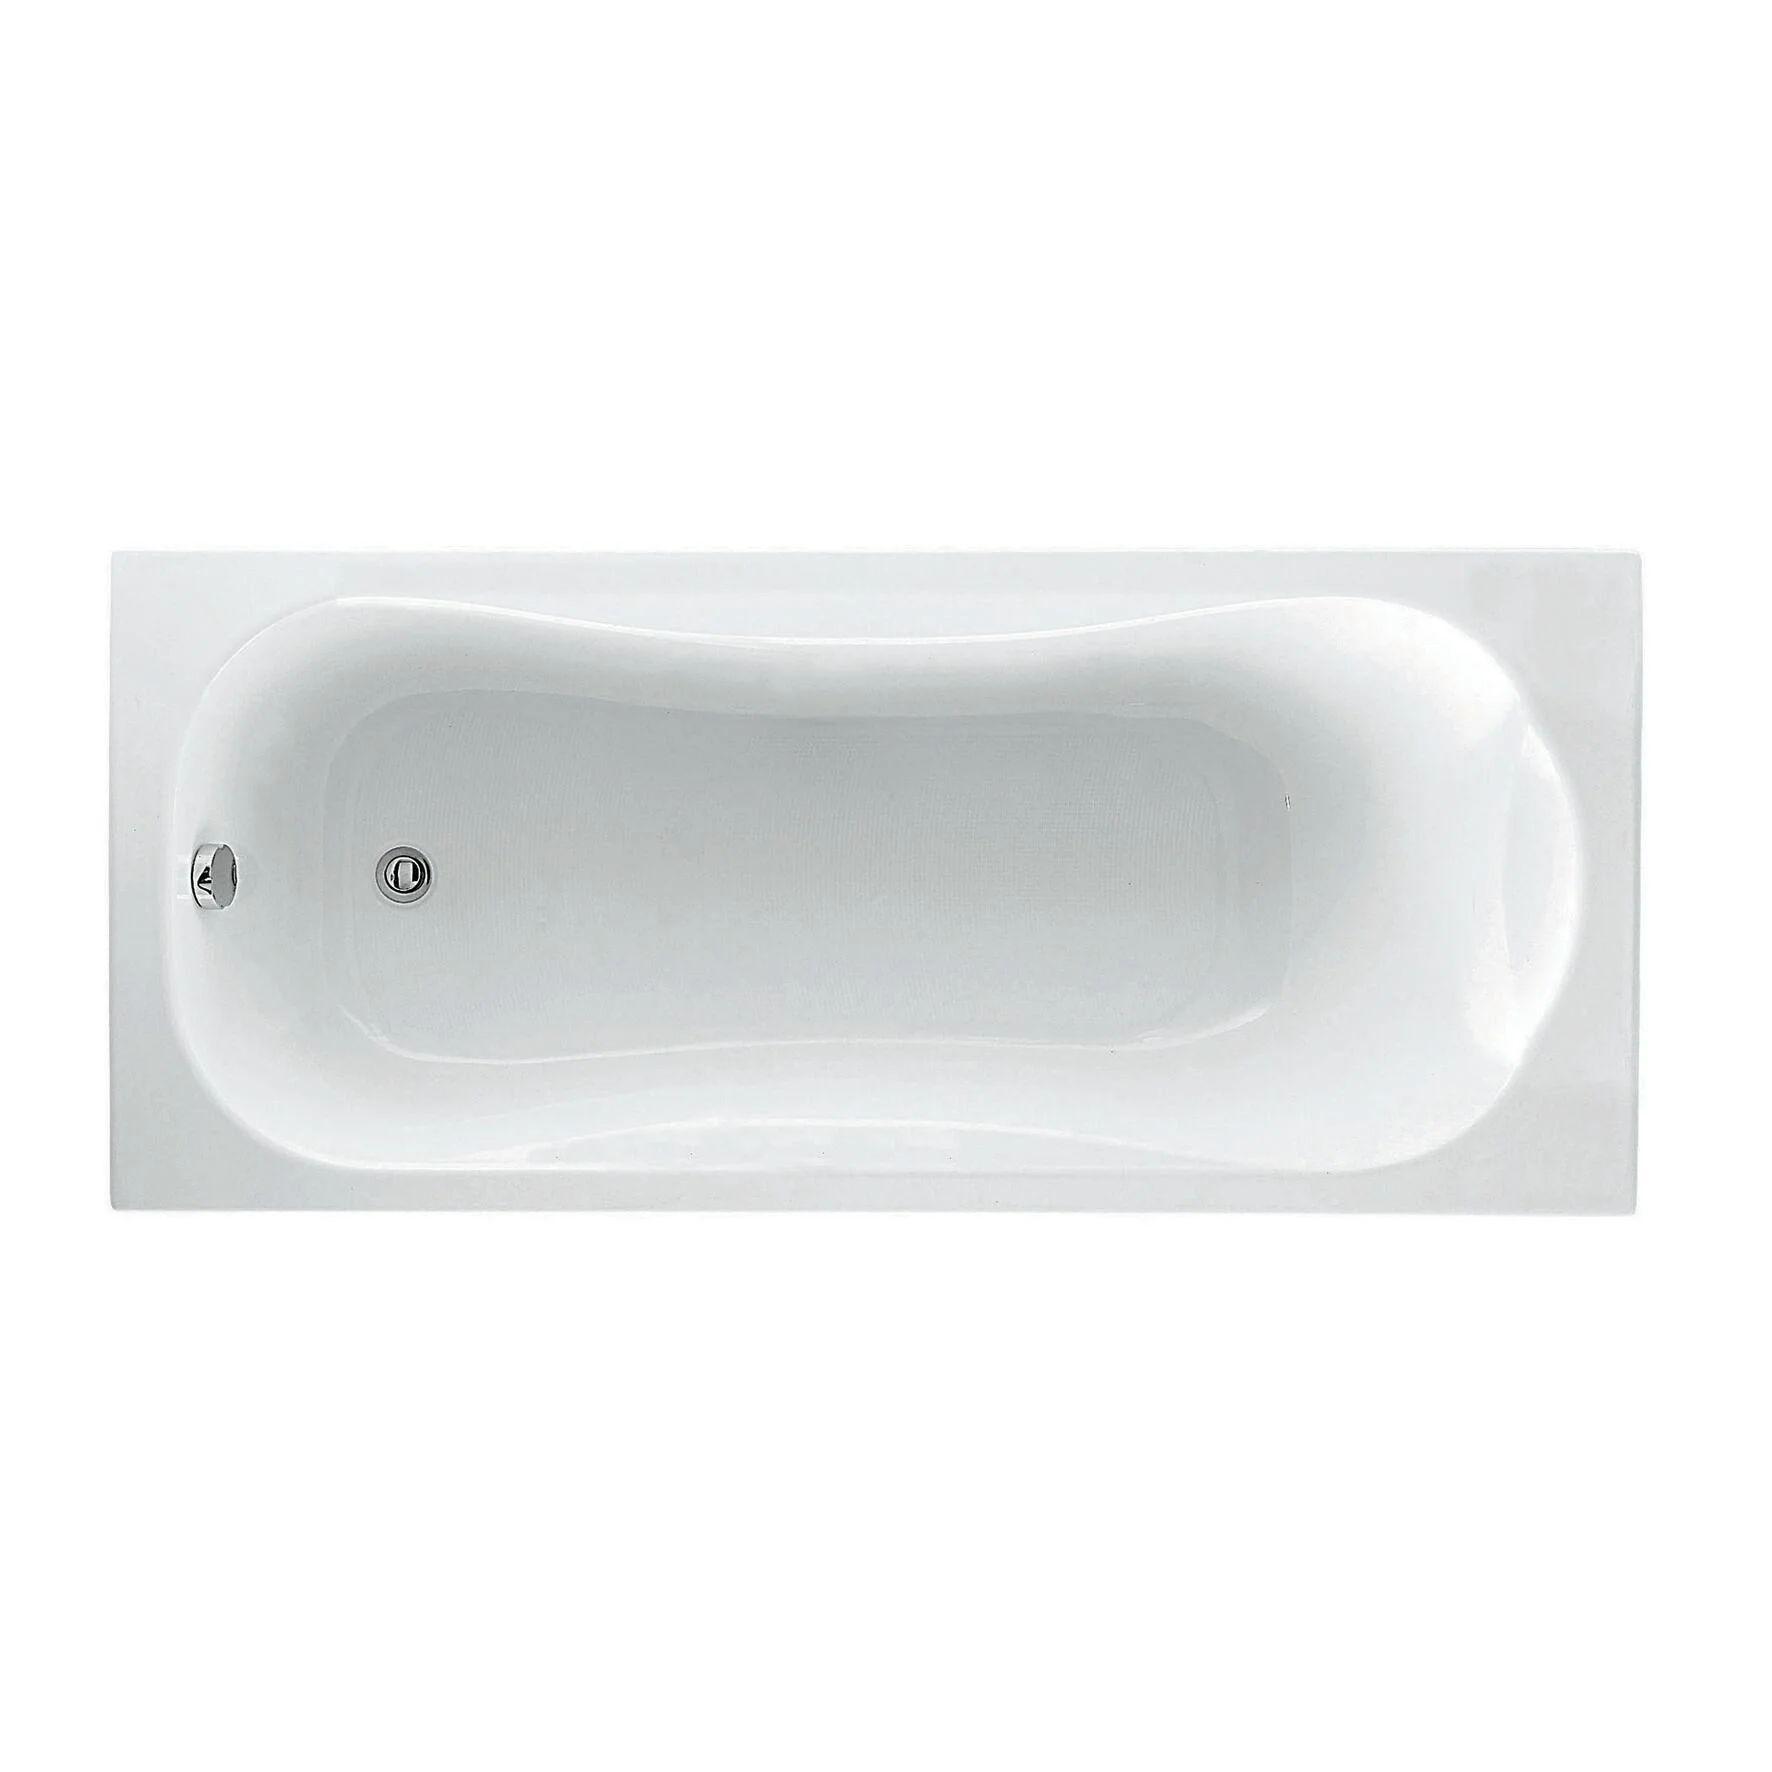 Le tende doccia leroy merlin sono la soluzione ideale per arredare il vostro bagno all'insegna della semplicità e donare allo stesso tempo un tocco di. Vasca Rettangolare Egeria Bianco 70 X 170 Cm Leroy Merlin